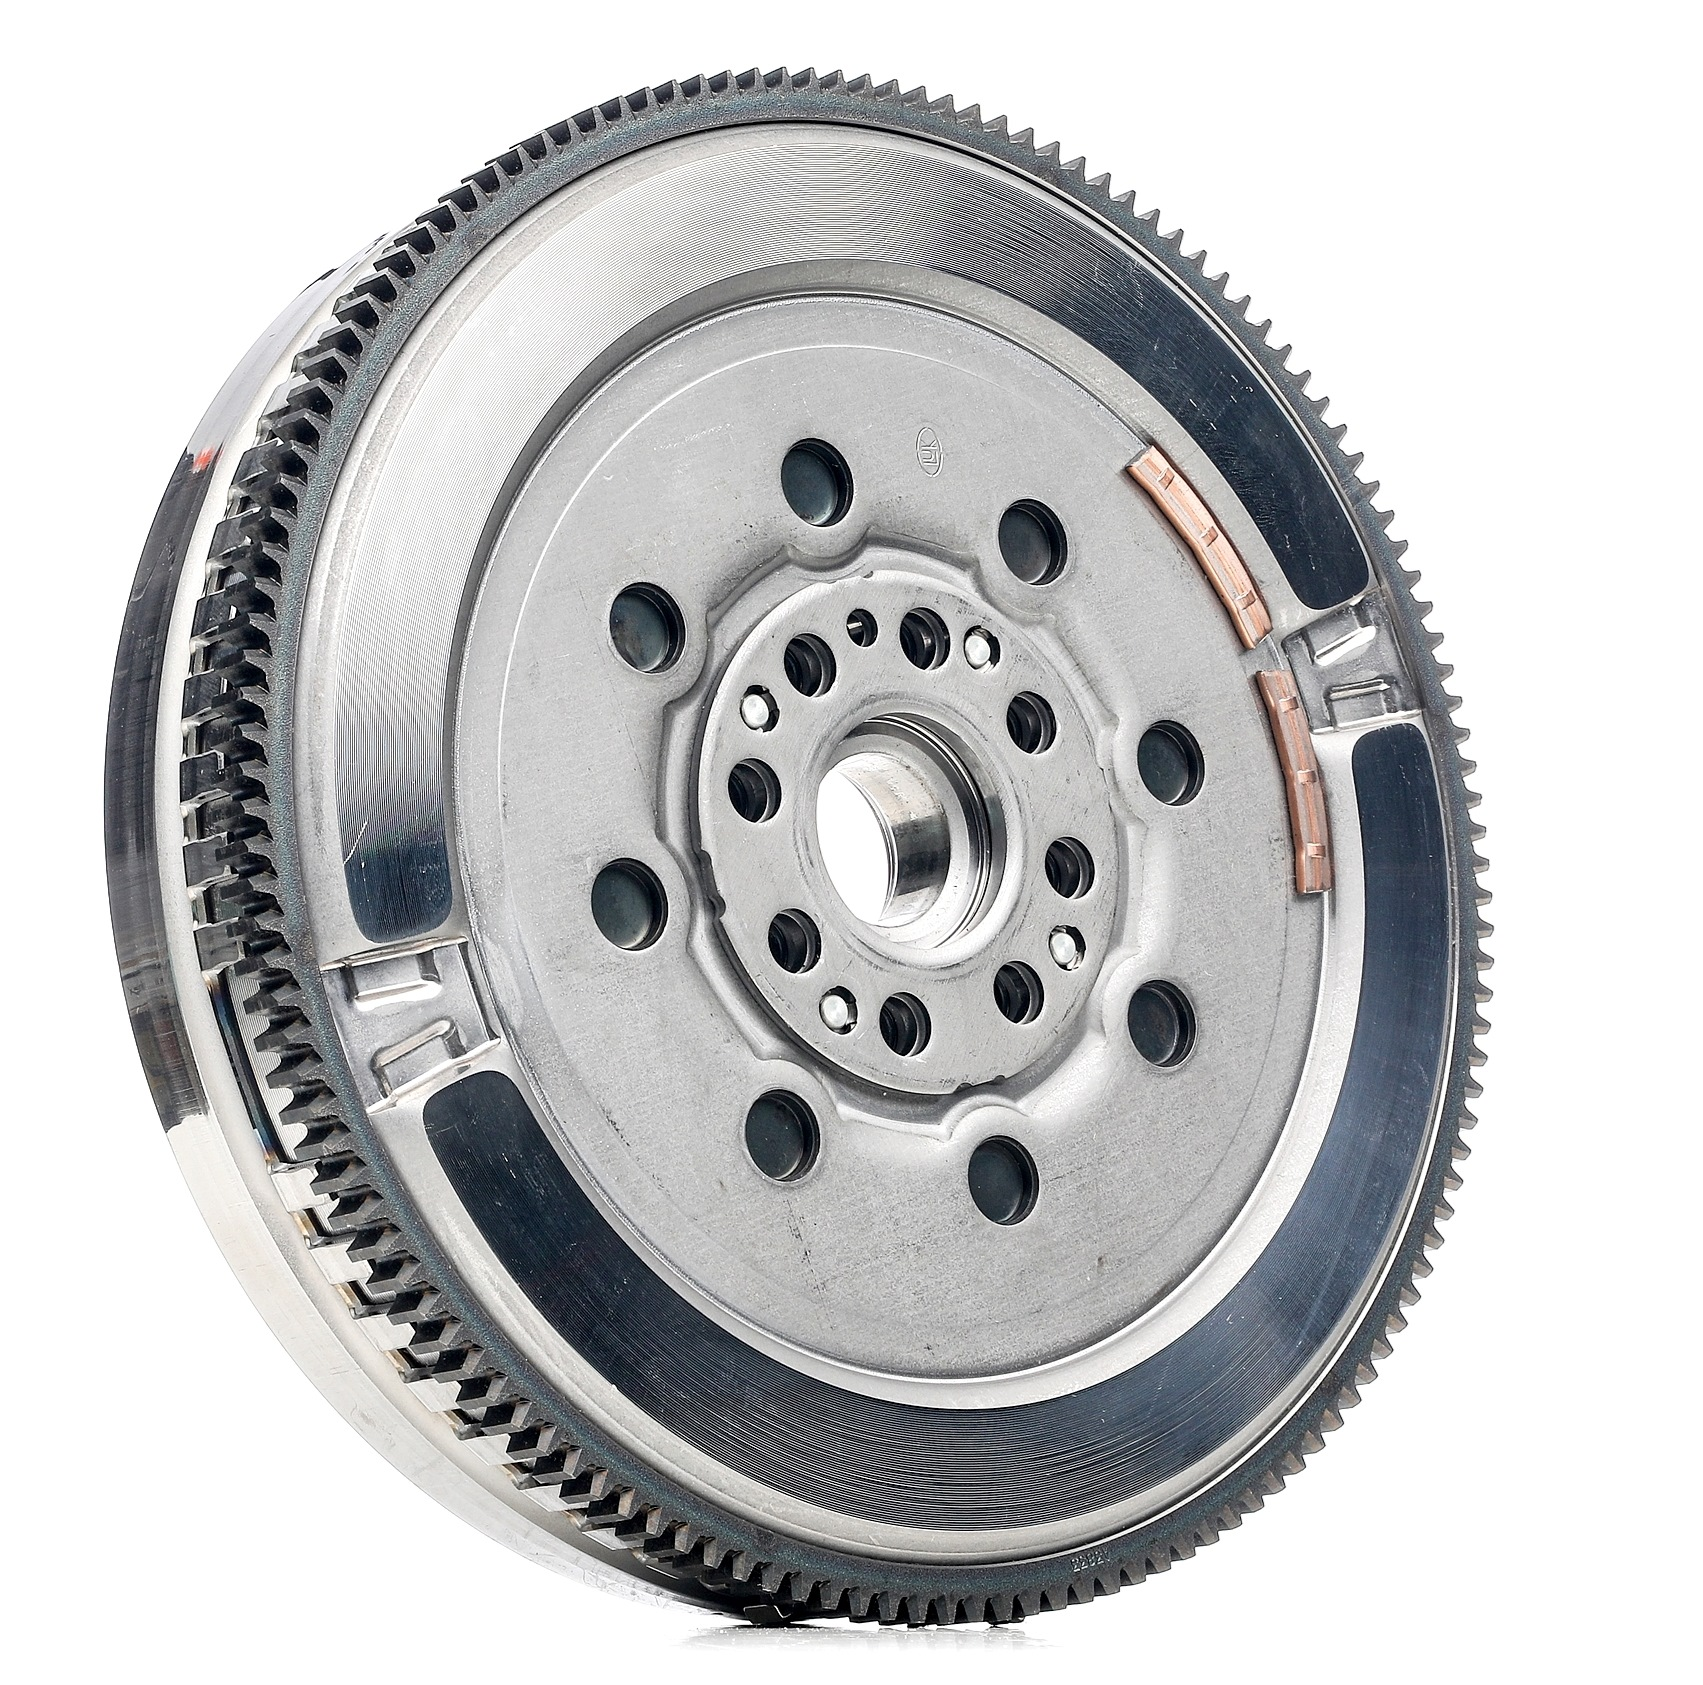 Dual mass flywheel LuK 415 0564 10 rating